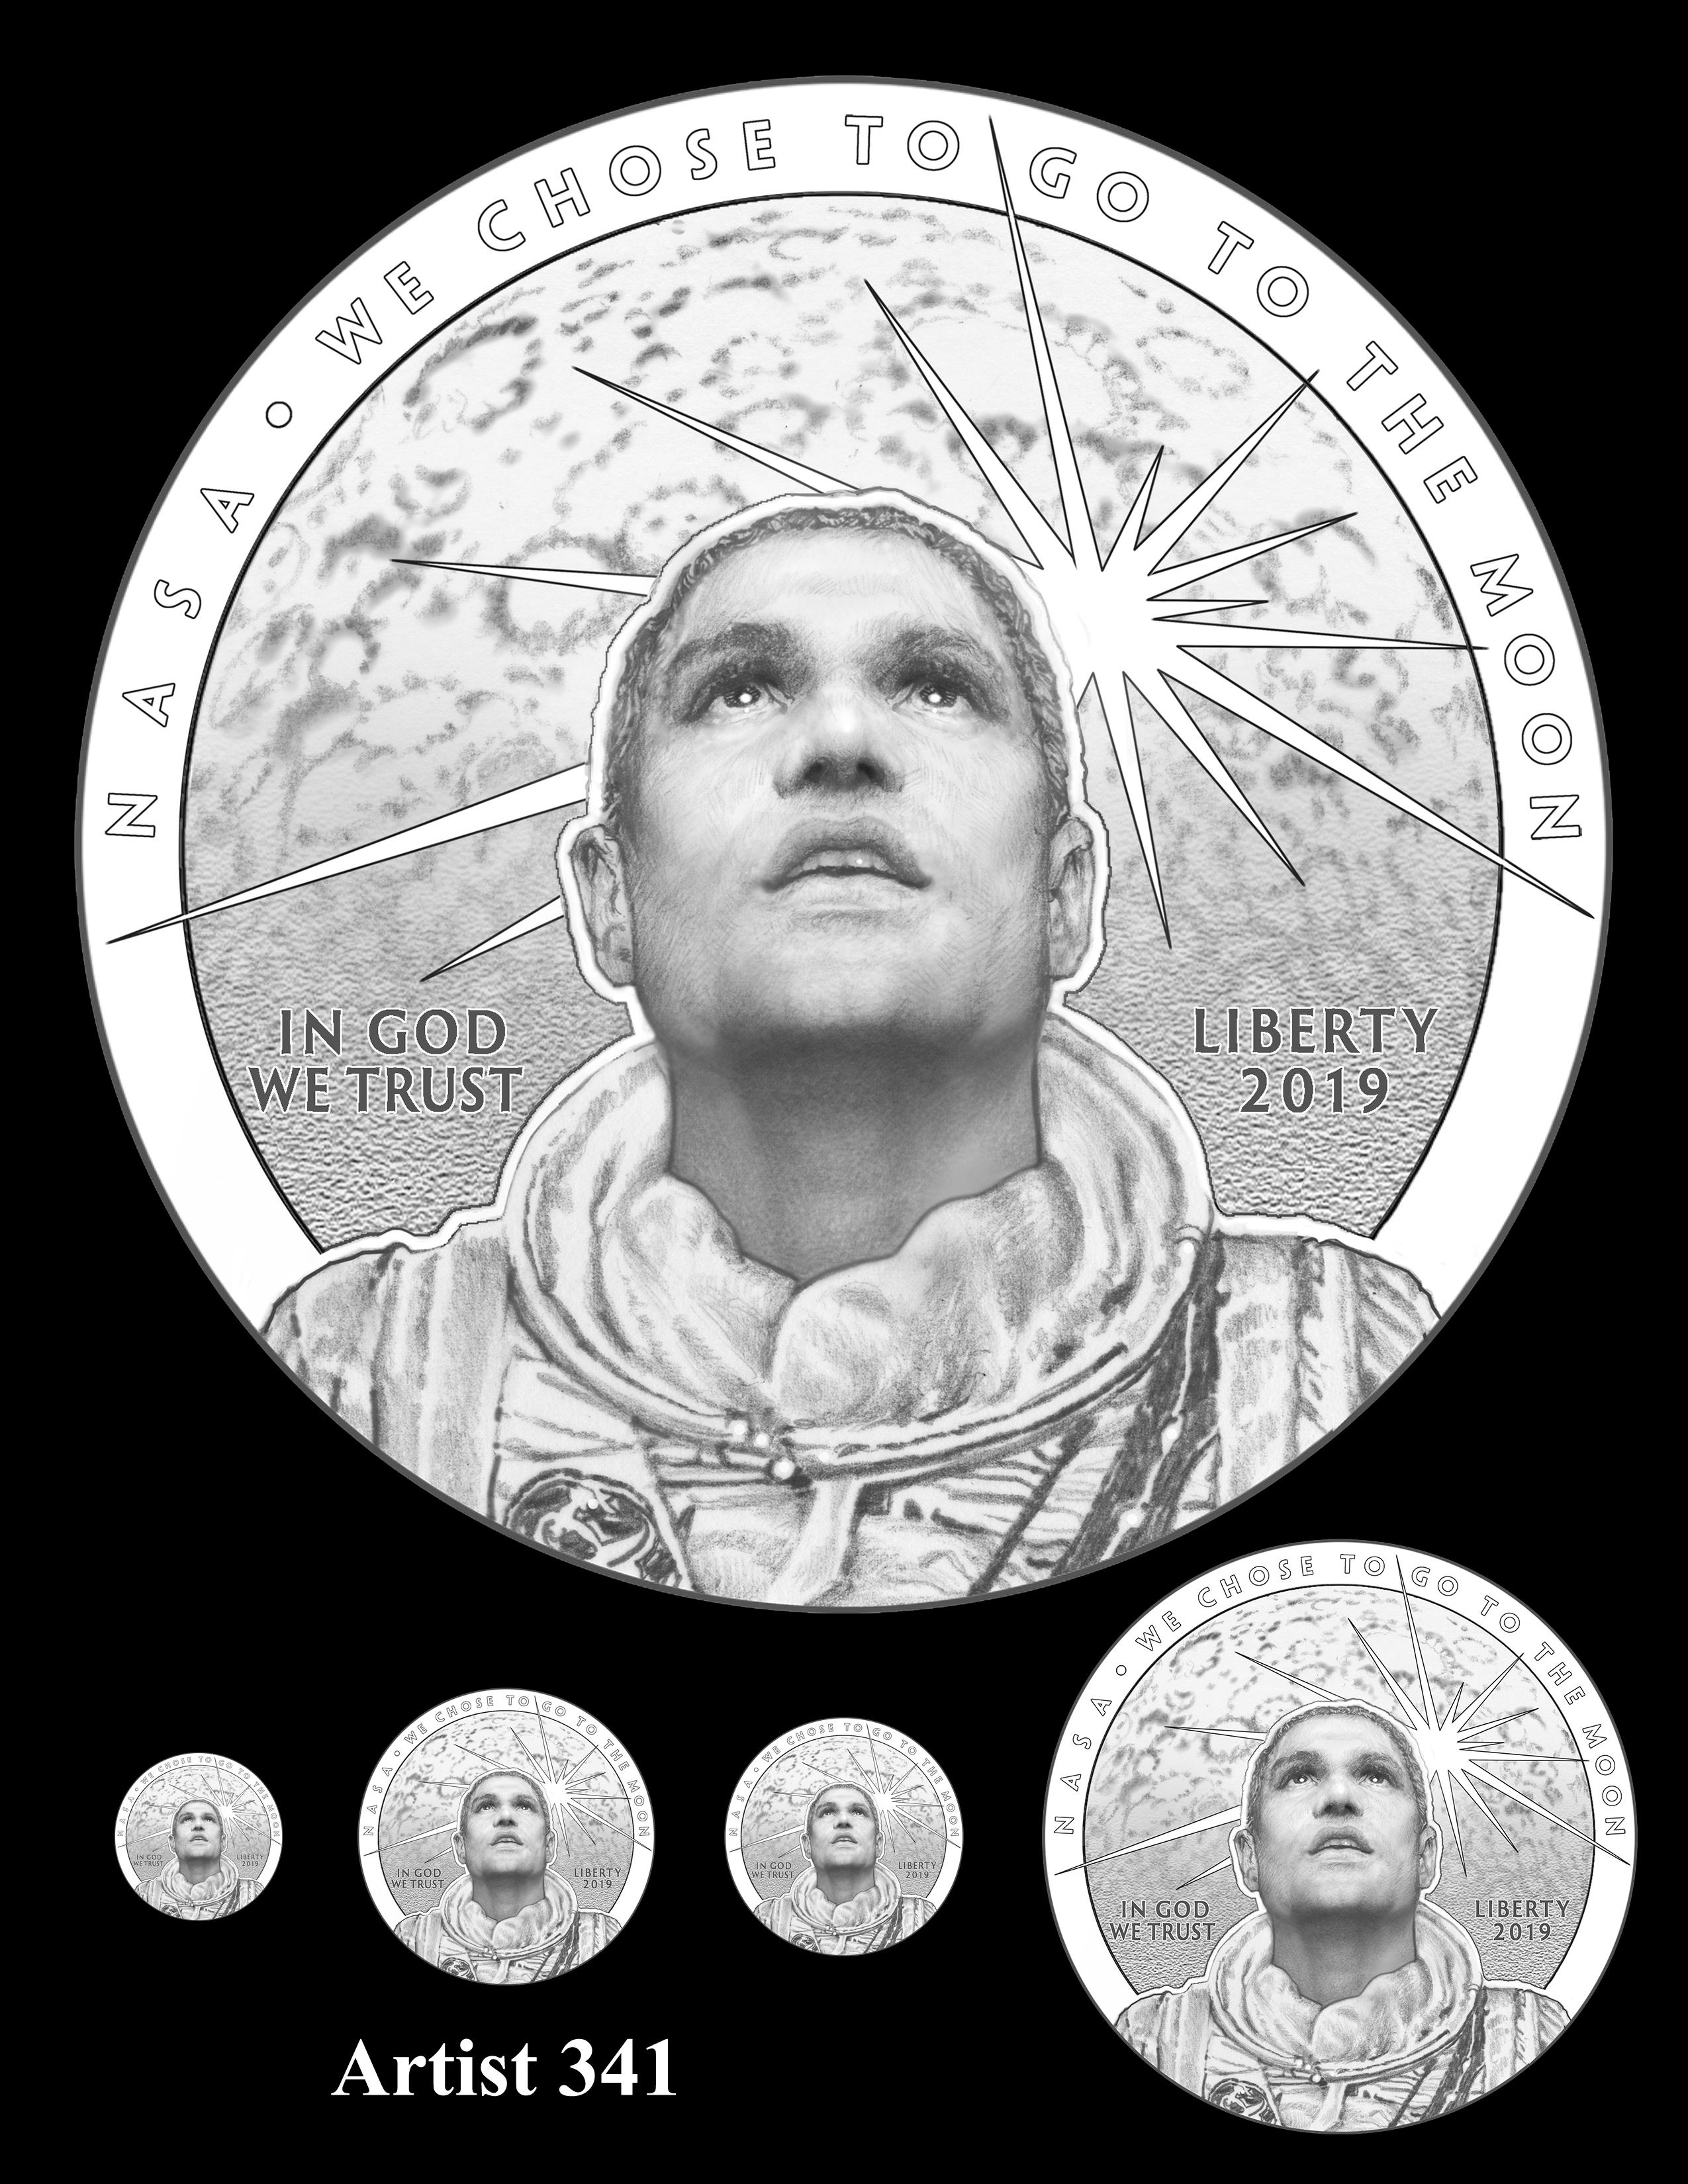 Artist 341 -- Apollo 11 50th Anniversary Commemorative Coin Obverse Design Competition